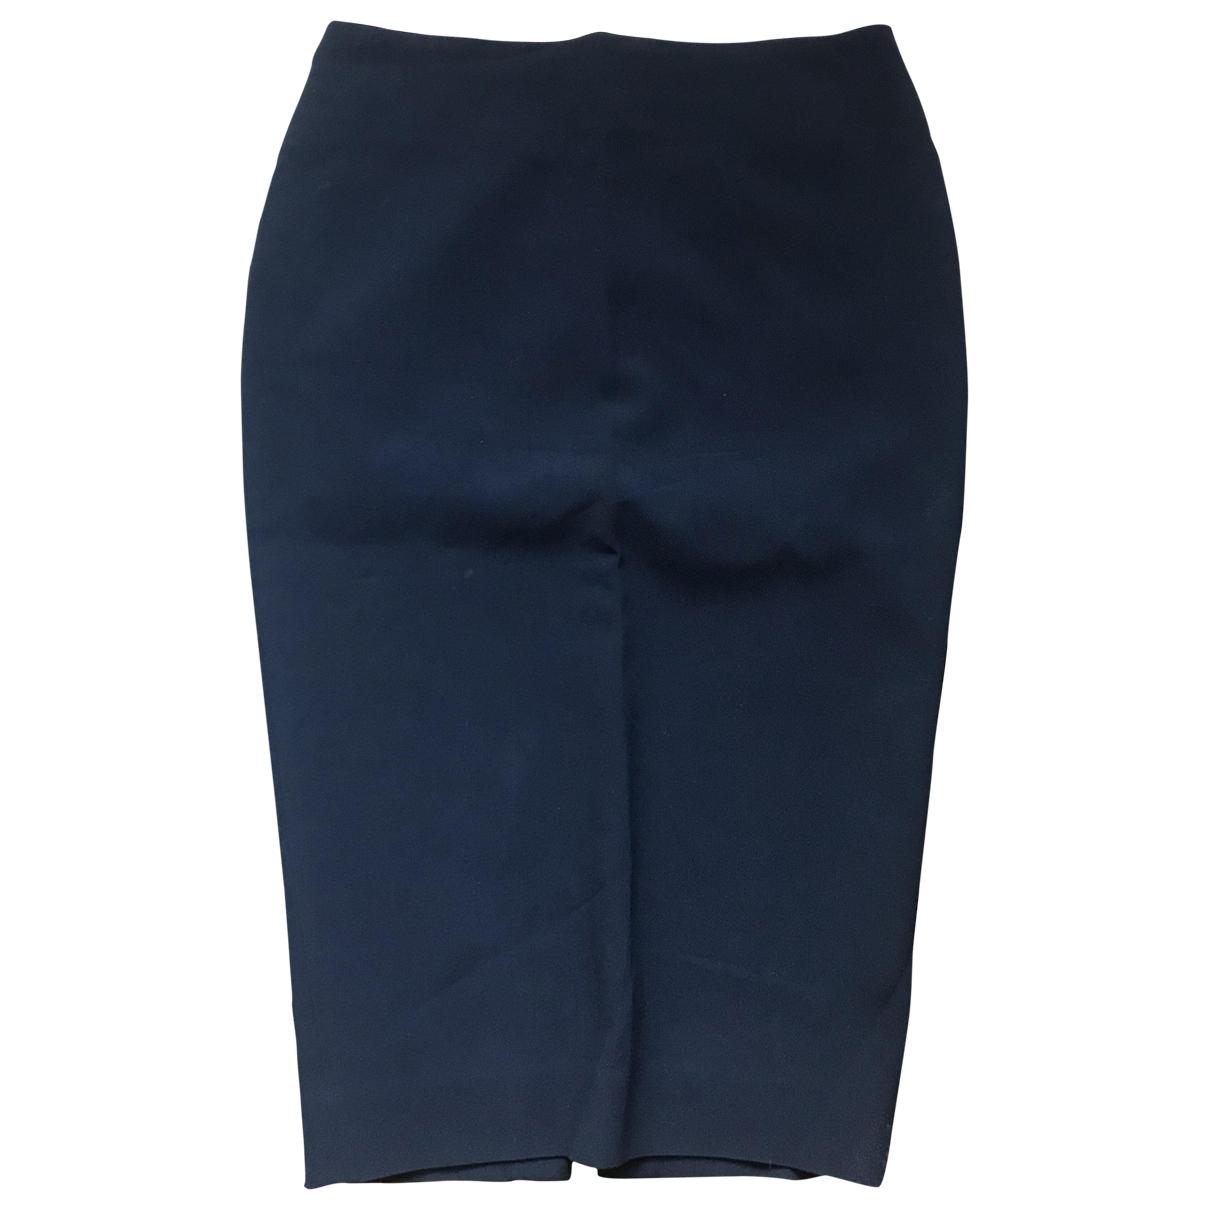 D&g \N Black skirt for Women 42 IT